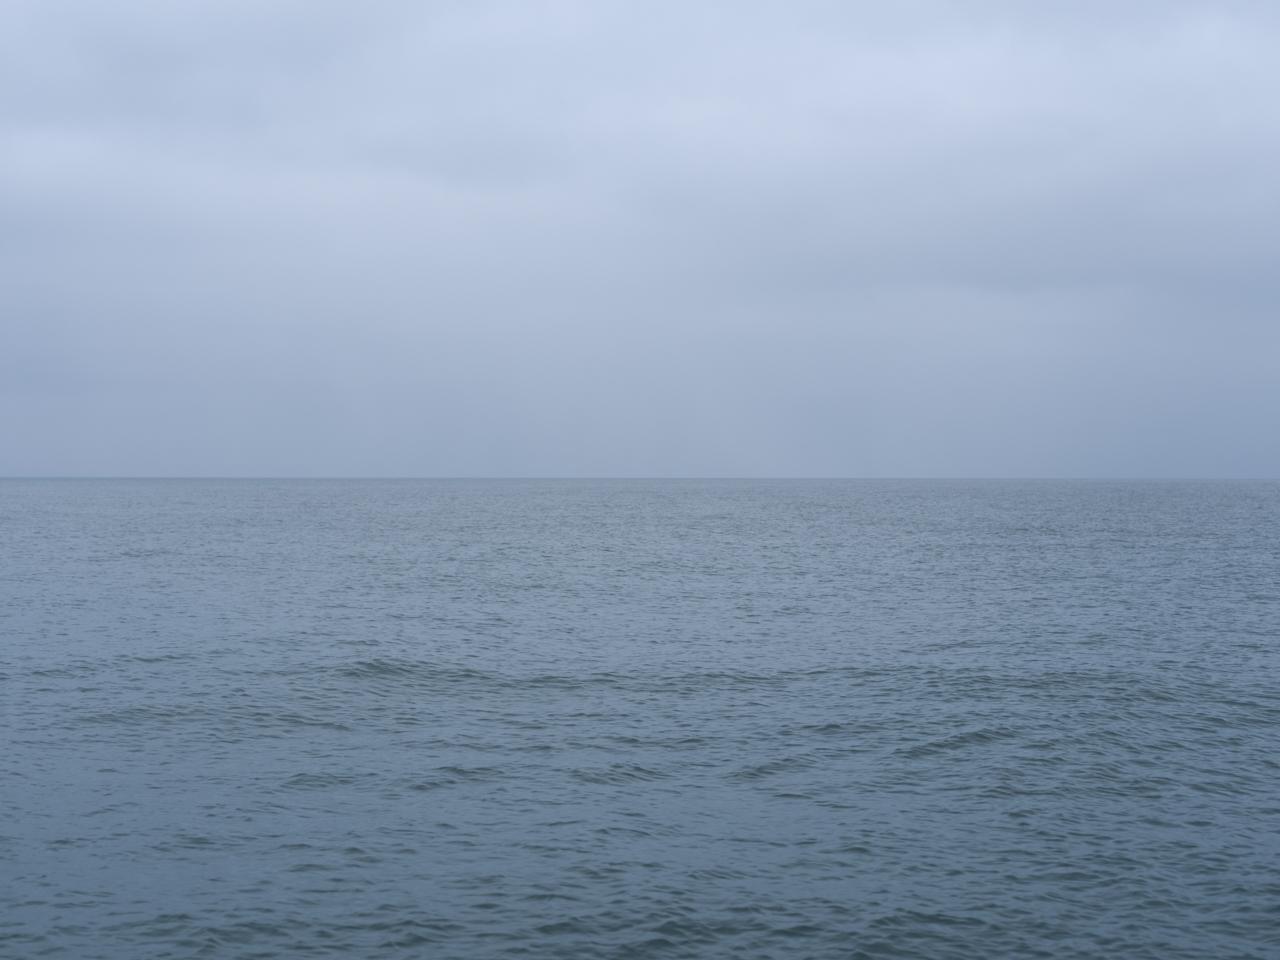 clouds and lake nearly match on a hazy blue day on Lake Michigan